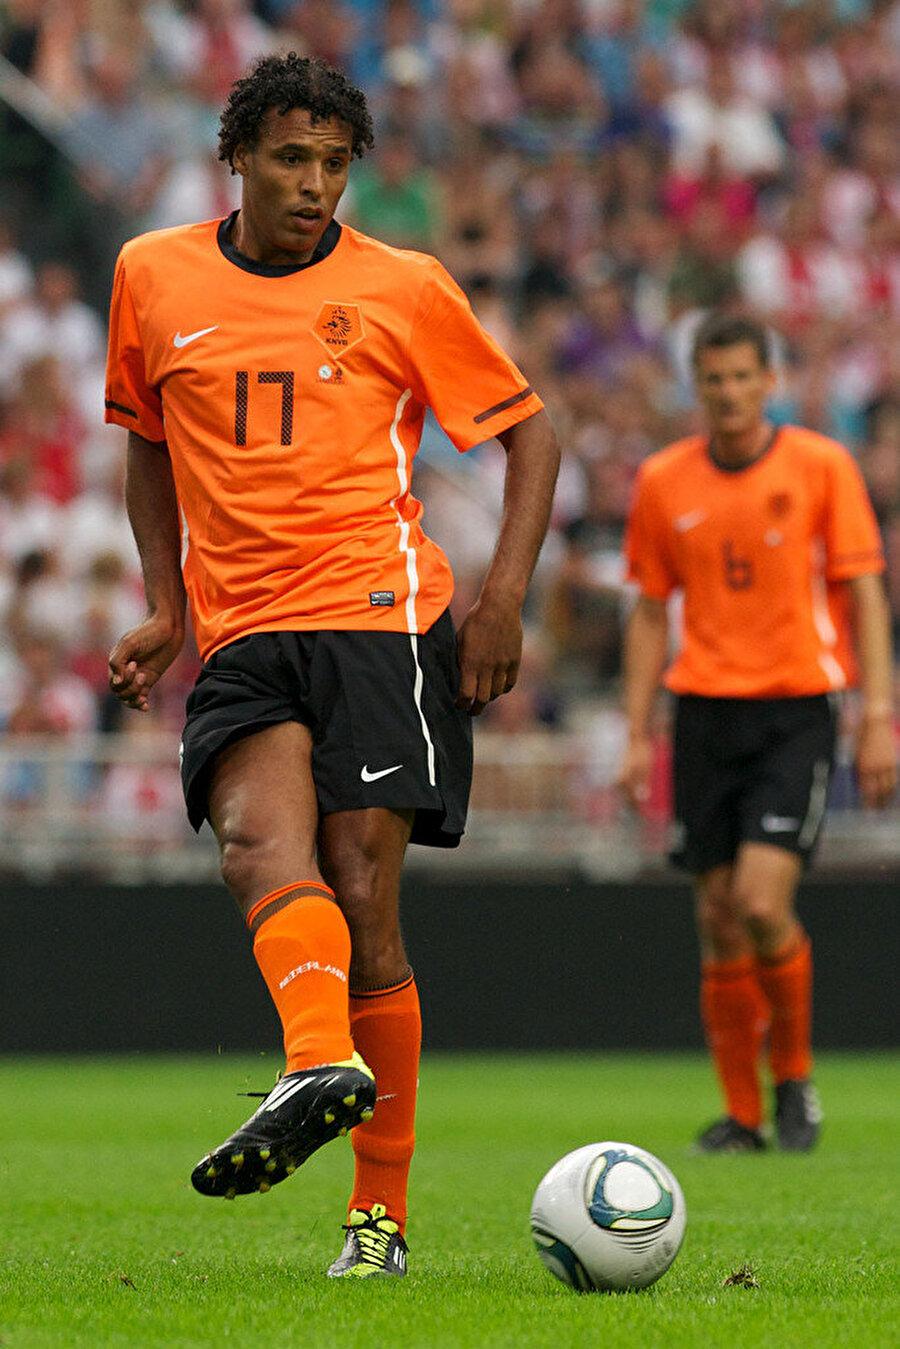 Hollanda Milli Takımı'nın da önemli isimleri arasında yer alan Hooijdonk, 2001'de Feyenoord'a imza attı.